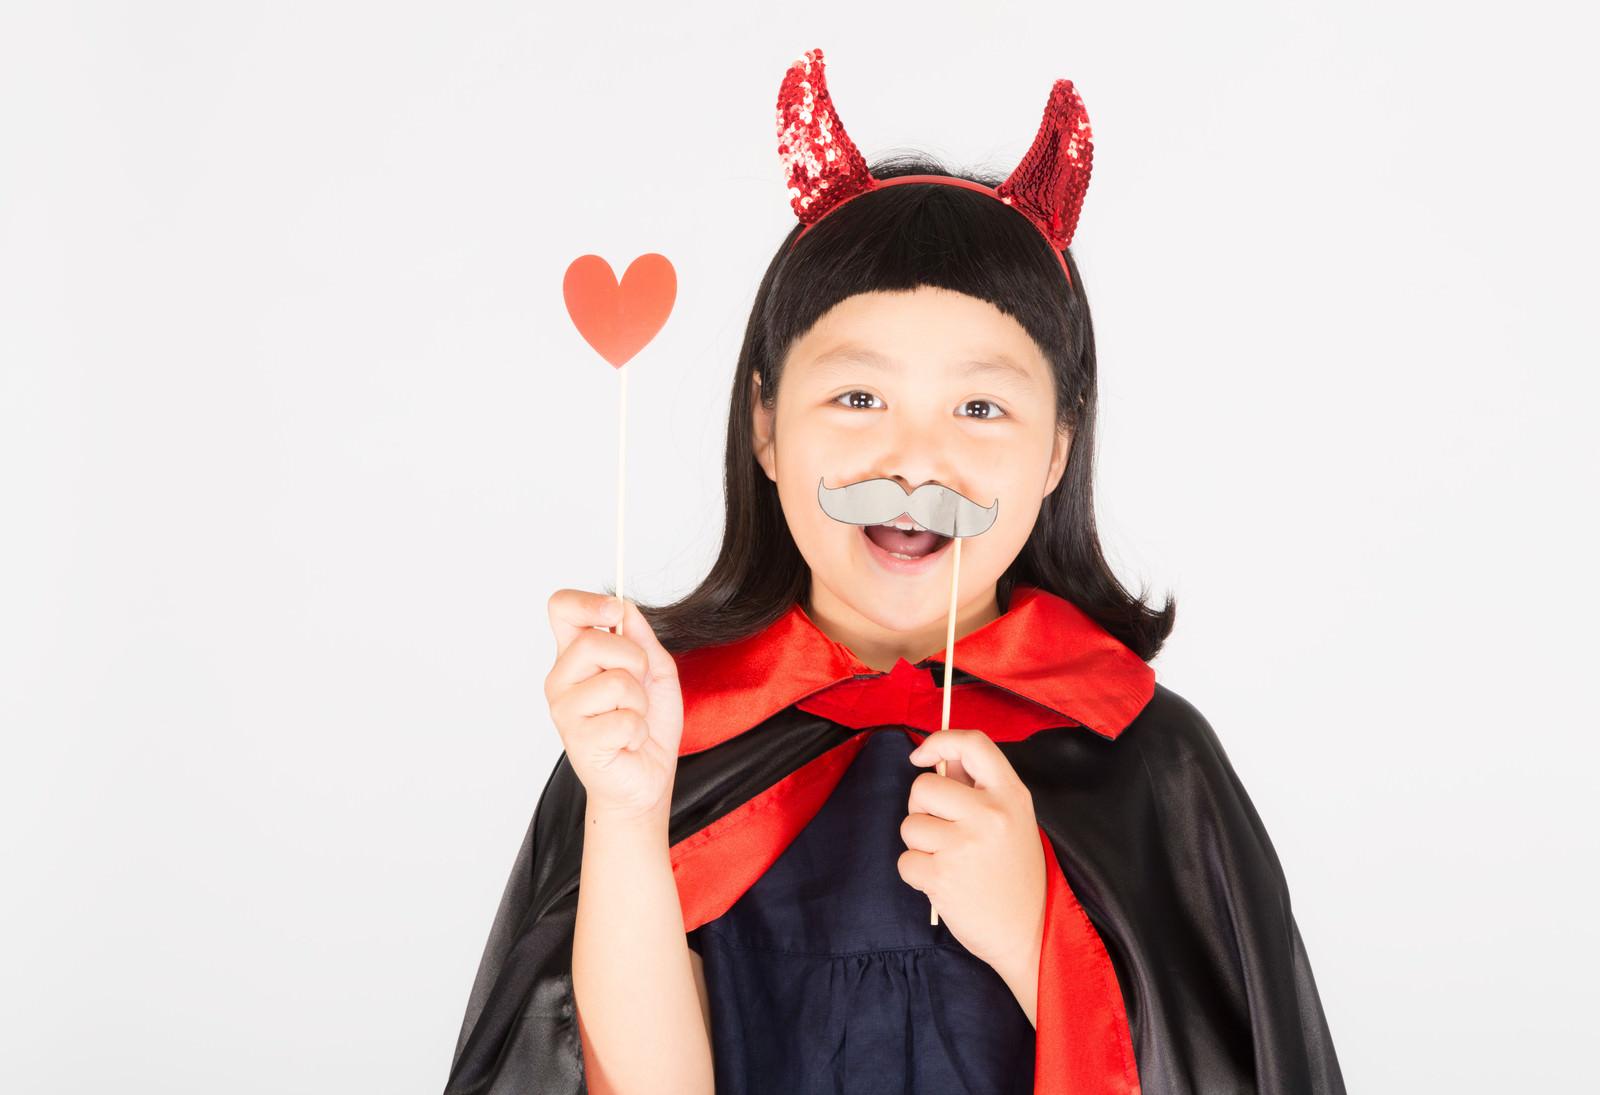 「ハロウィン大好きな笑顔の少女」の写真[モデル:ゆうき]